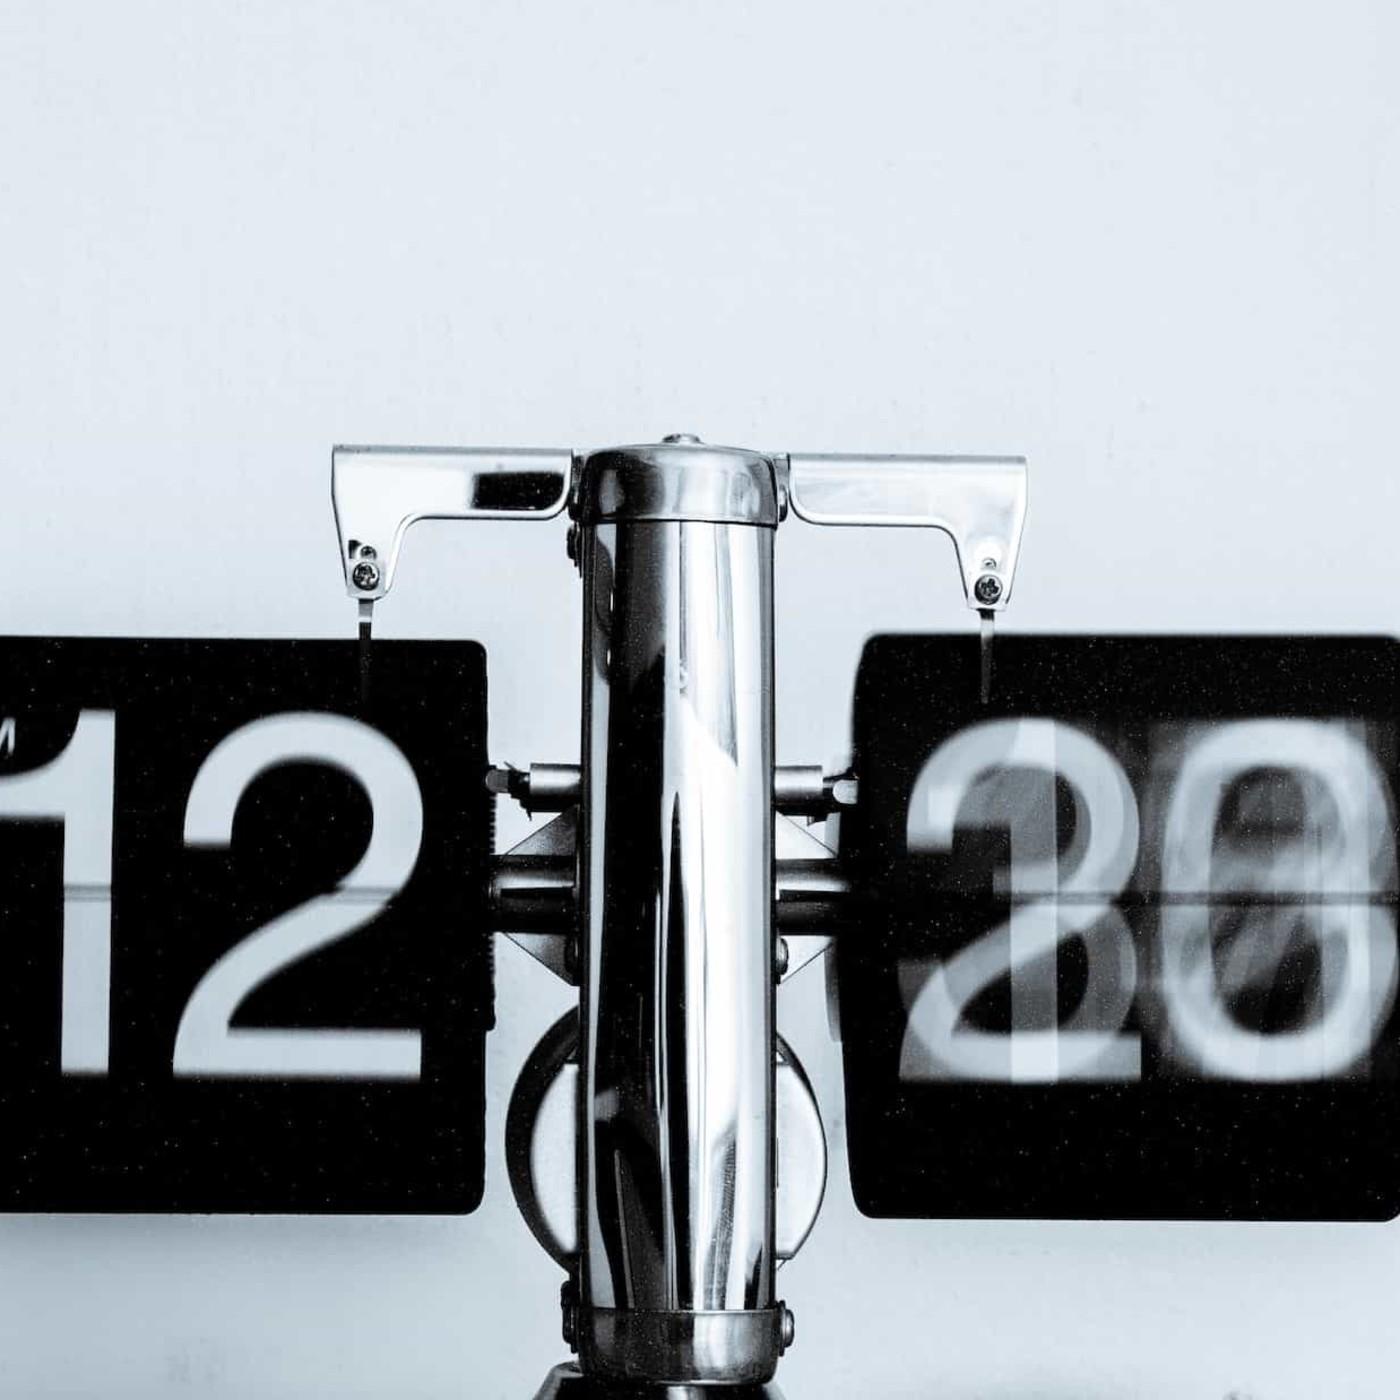 Tiempo o libertad en EL EV3NTO